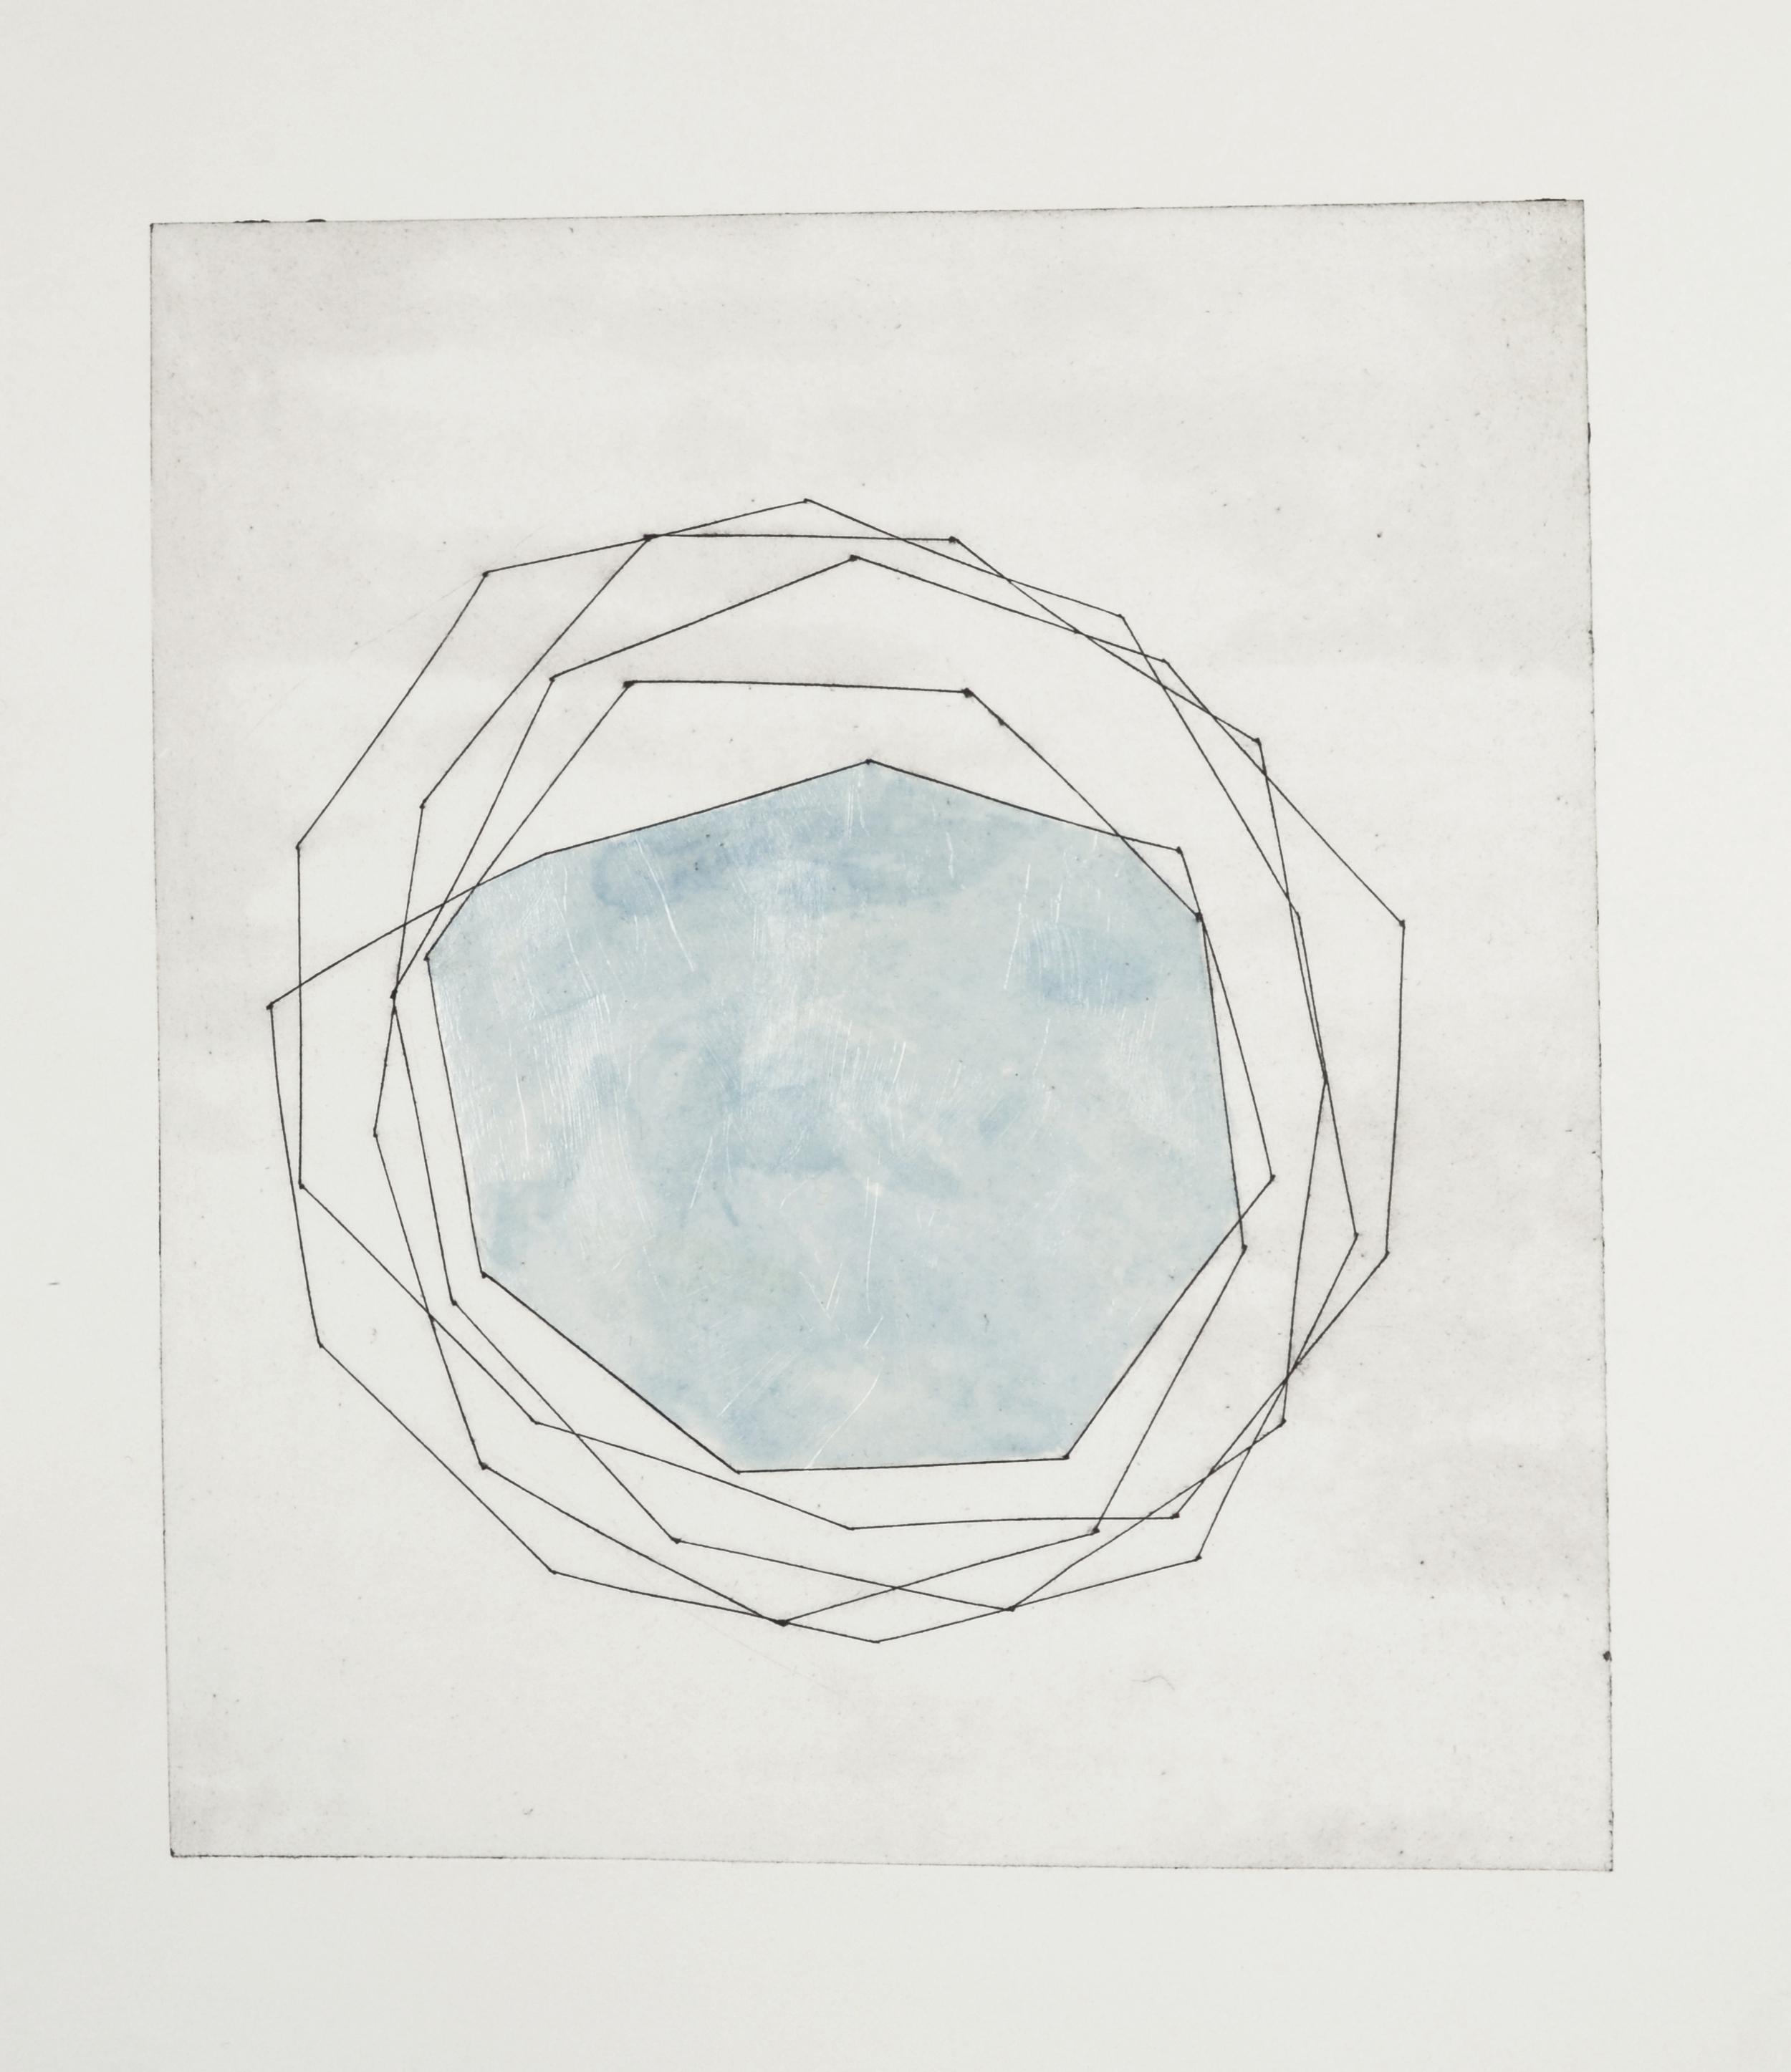 BOELE-KEIMER Shape - Light Blue 2013.jpg